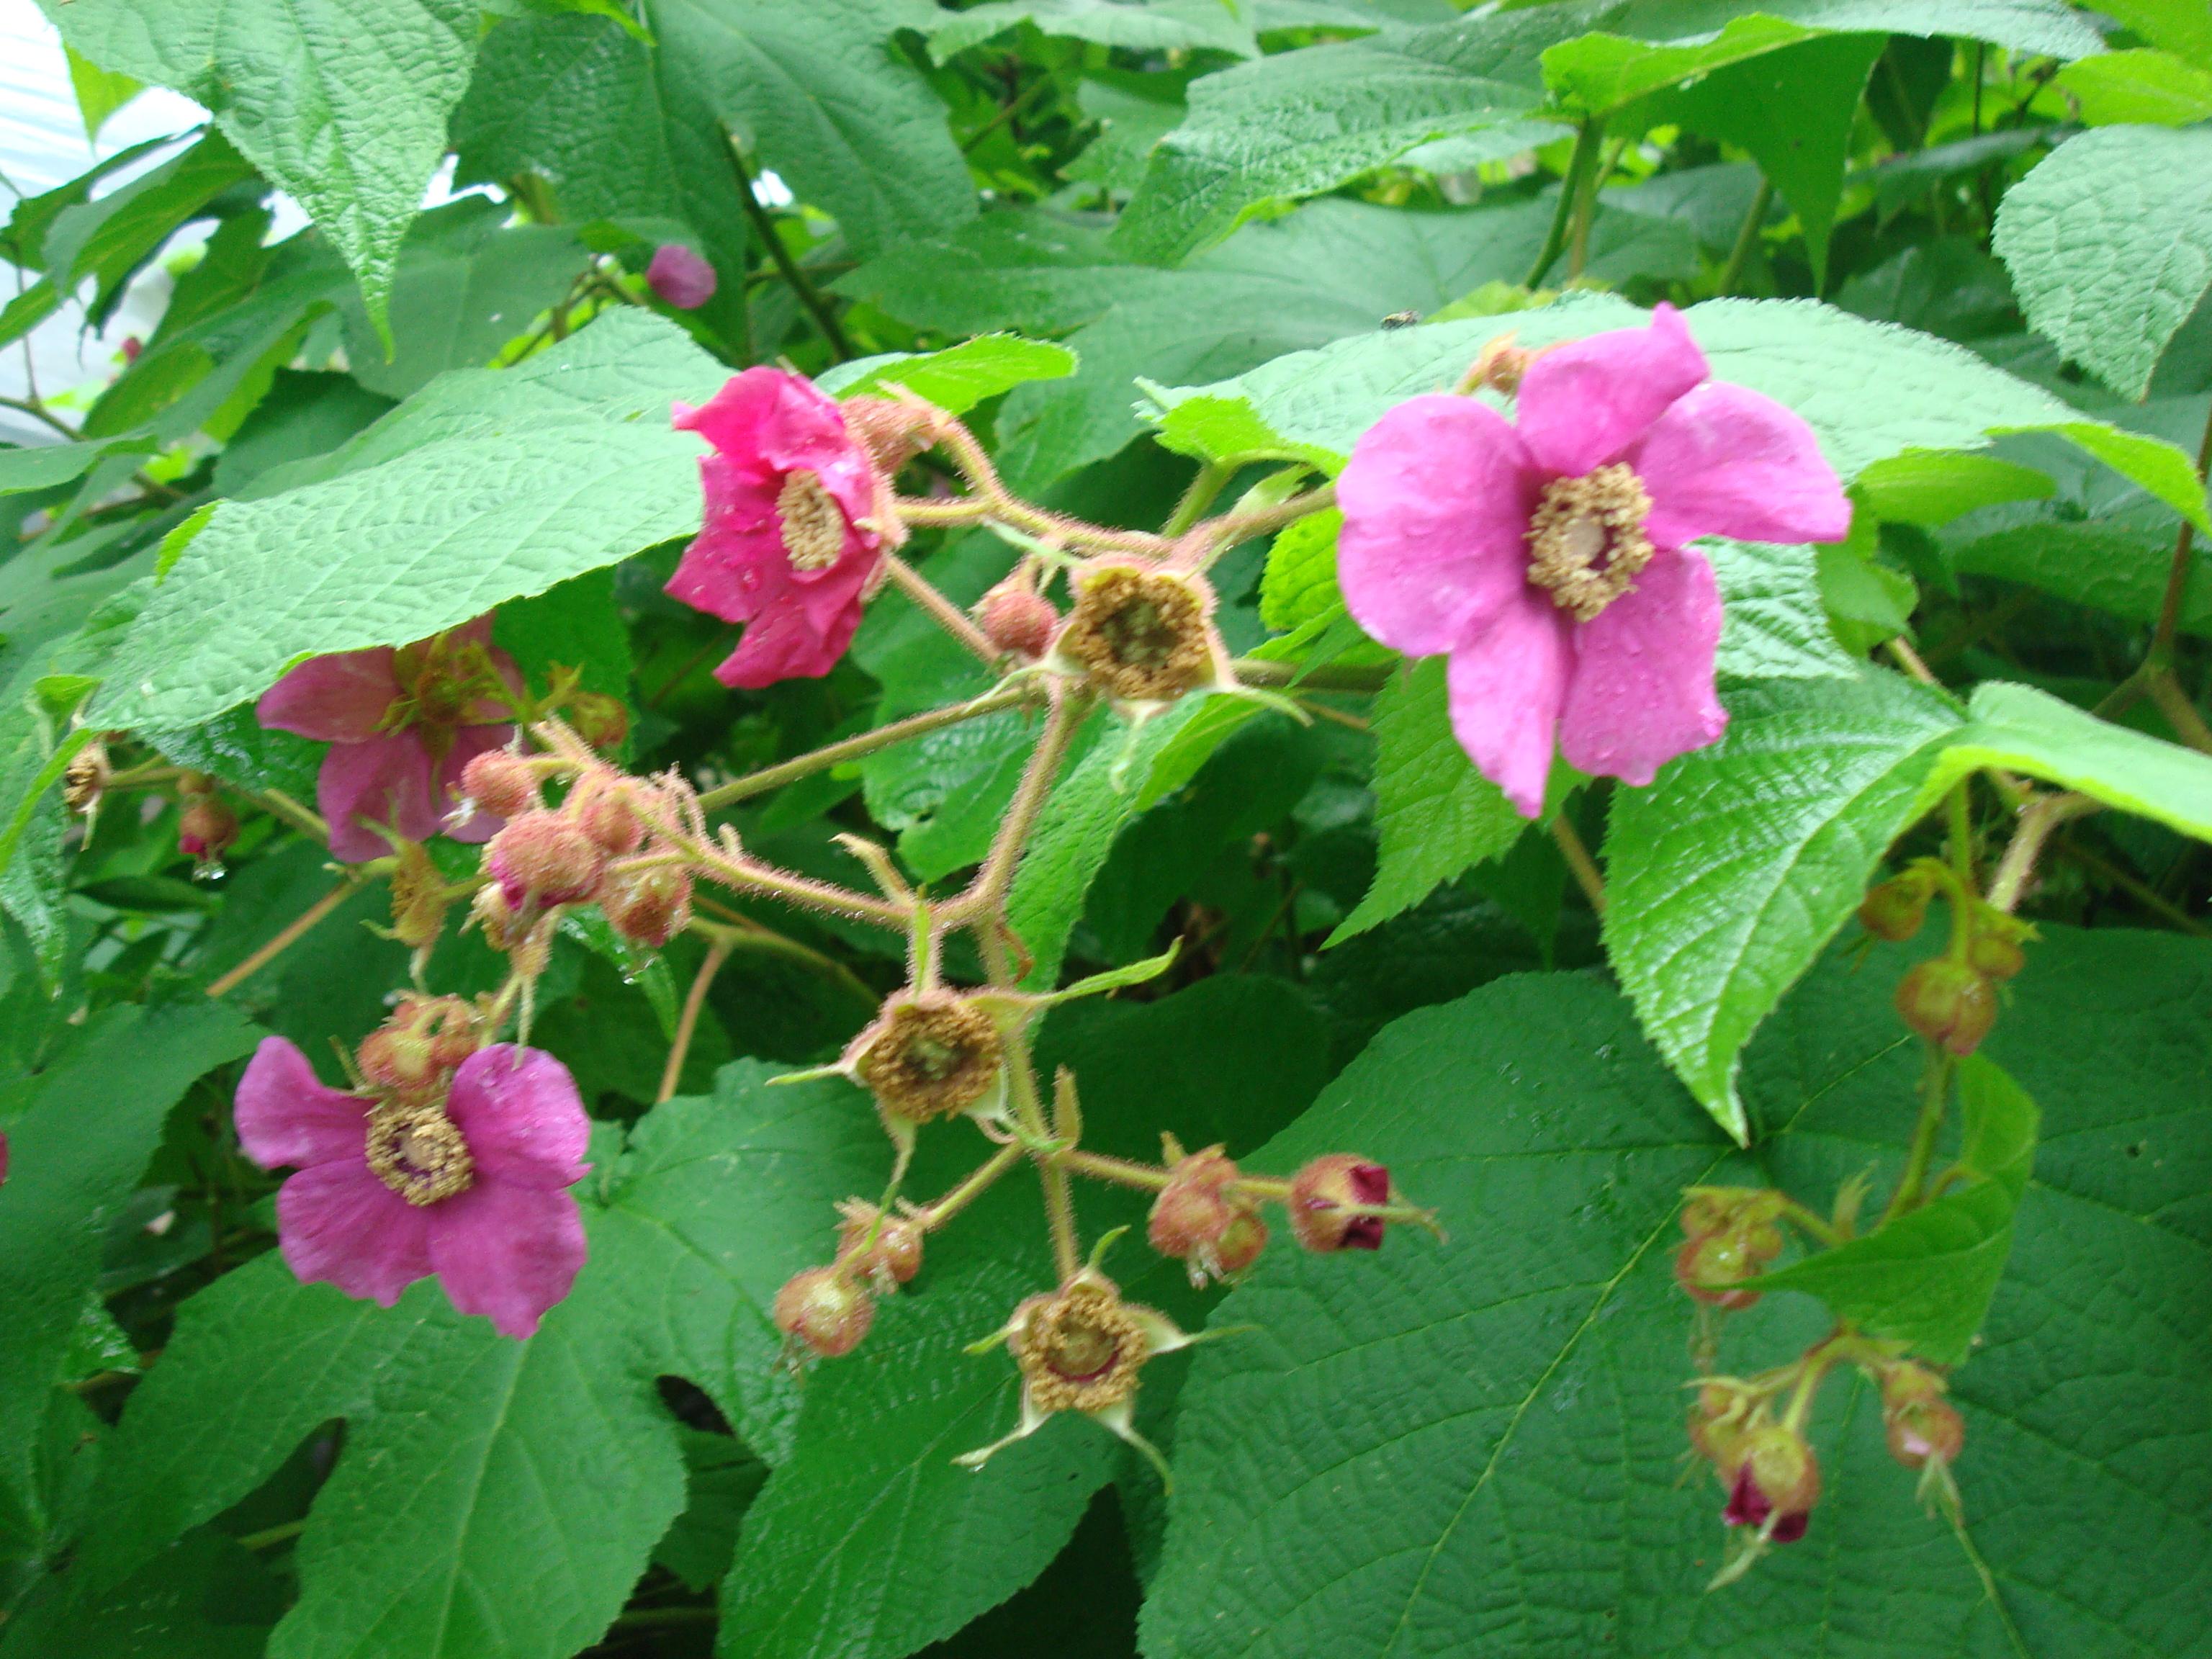 Rubusodorata1